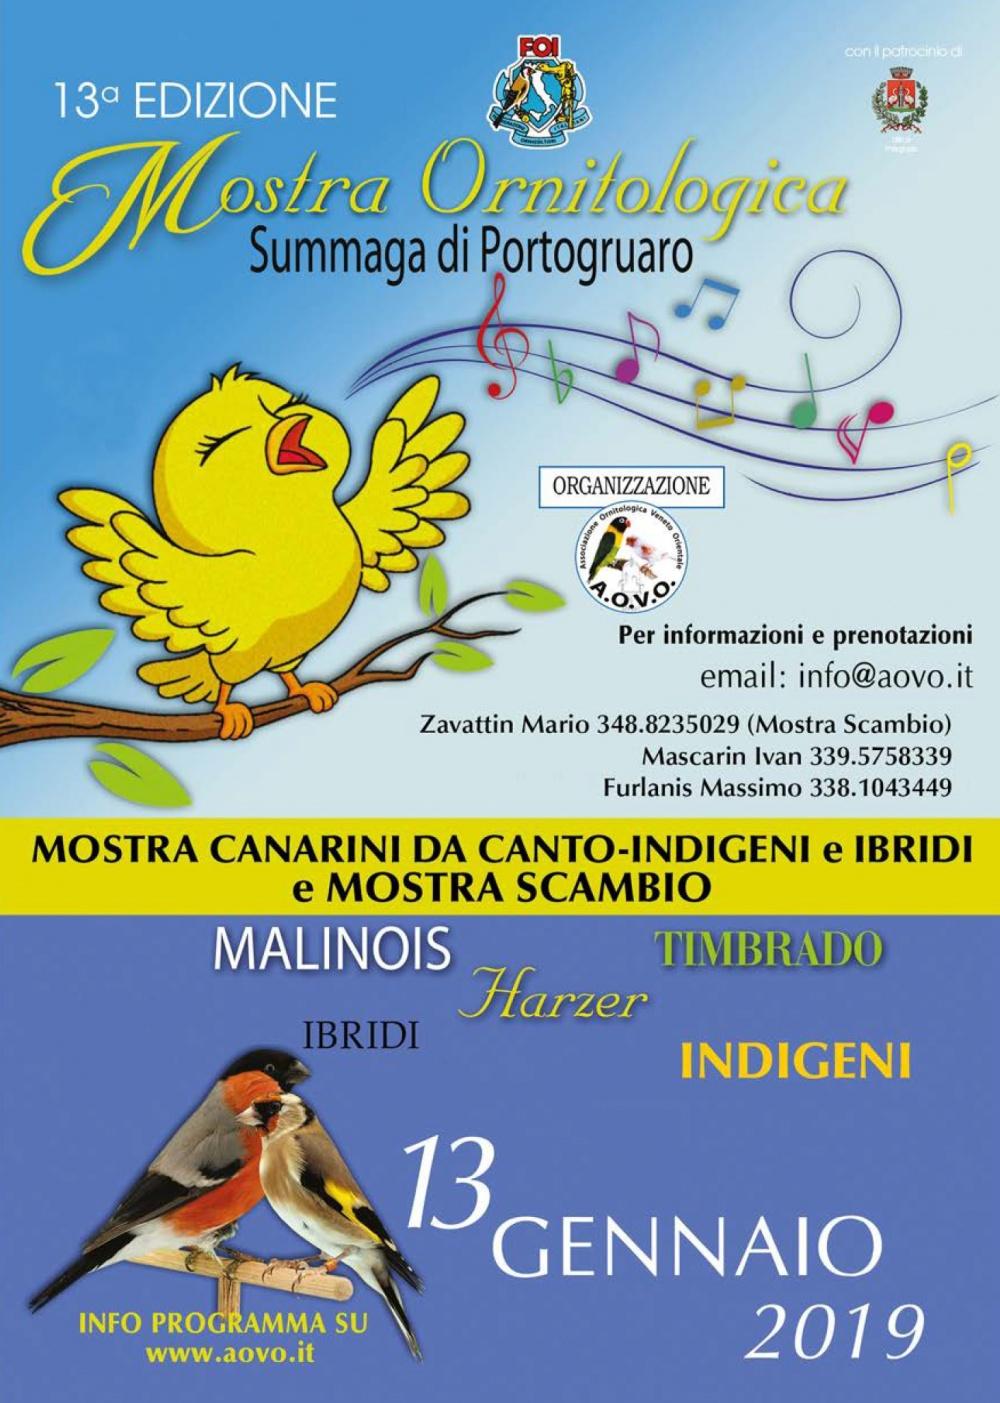 Calendario Mostre Ornitologiche 2019 Sicilia.13 Edizione Mostra Ornitologica